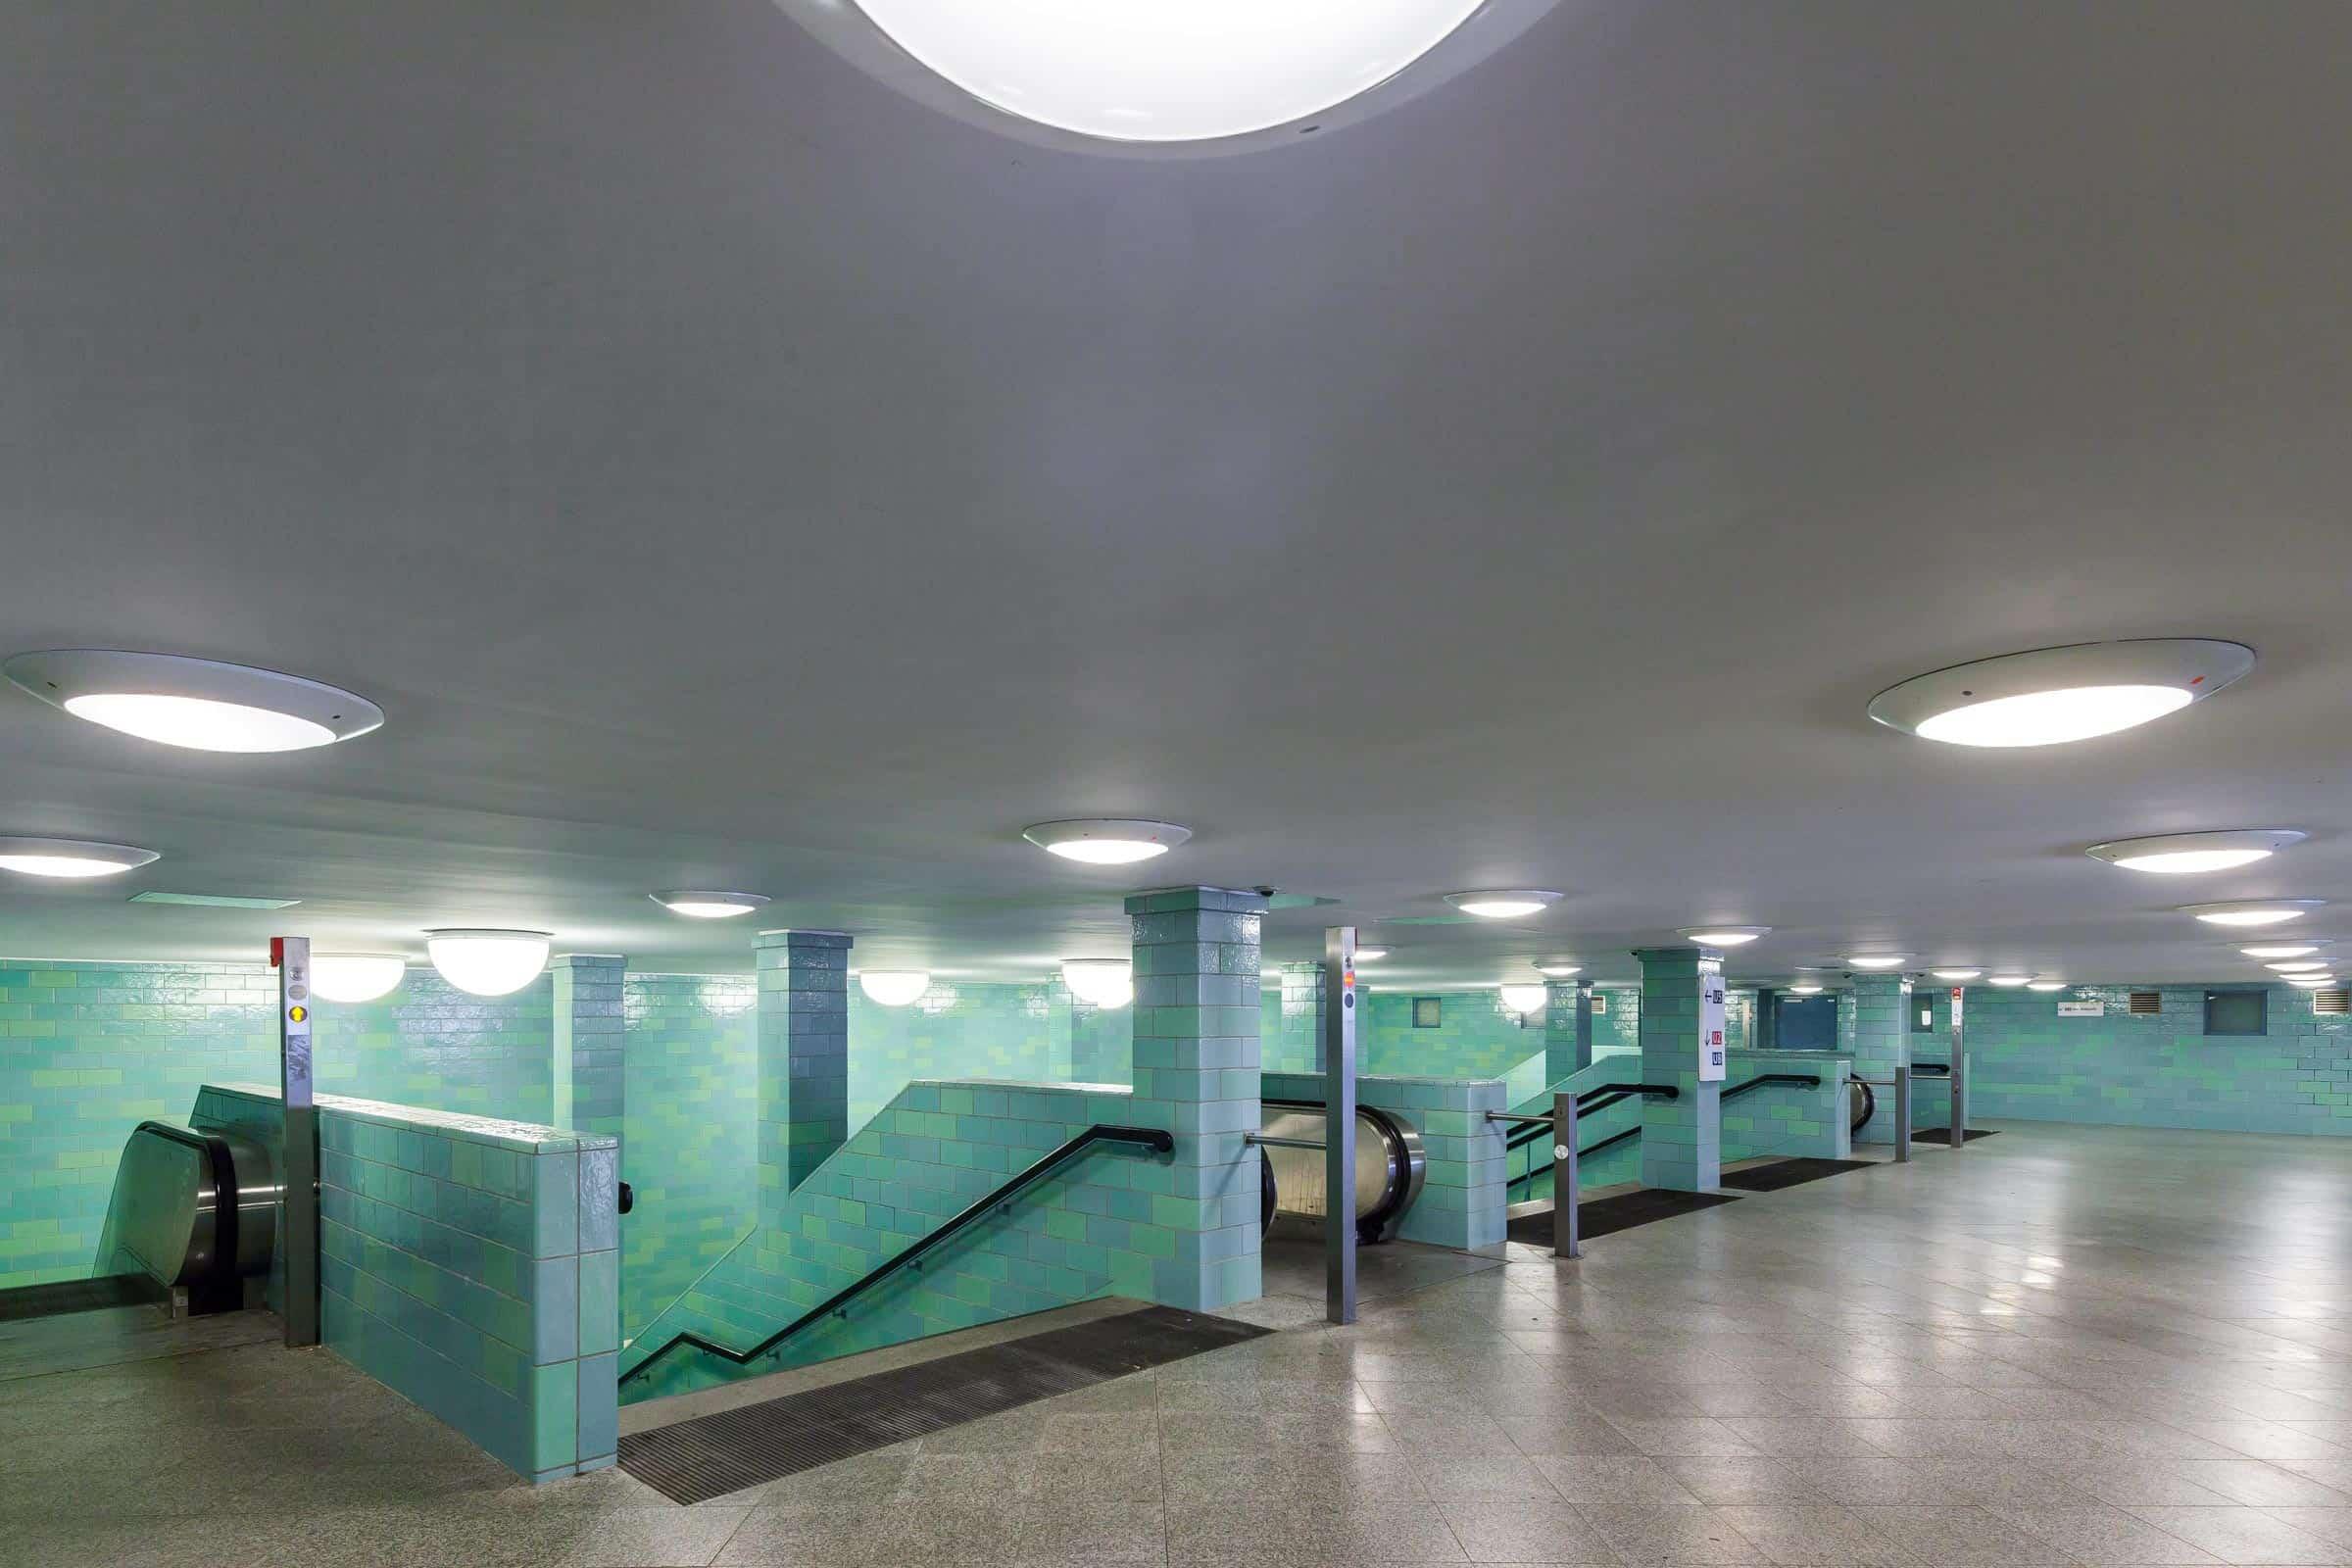 S2 - U Bahnhof Alexanderplatz – Berlin Gewölbe